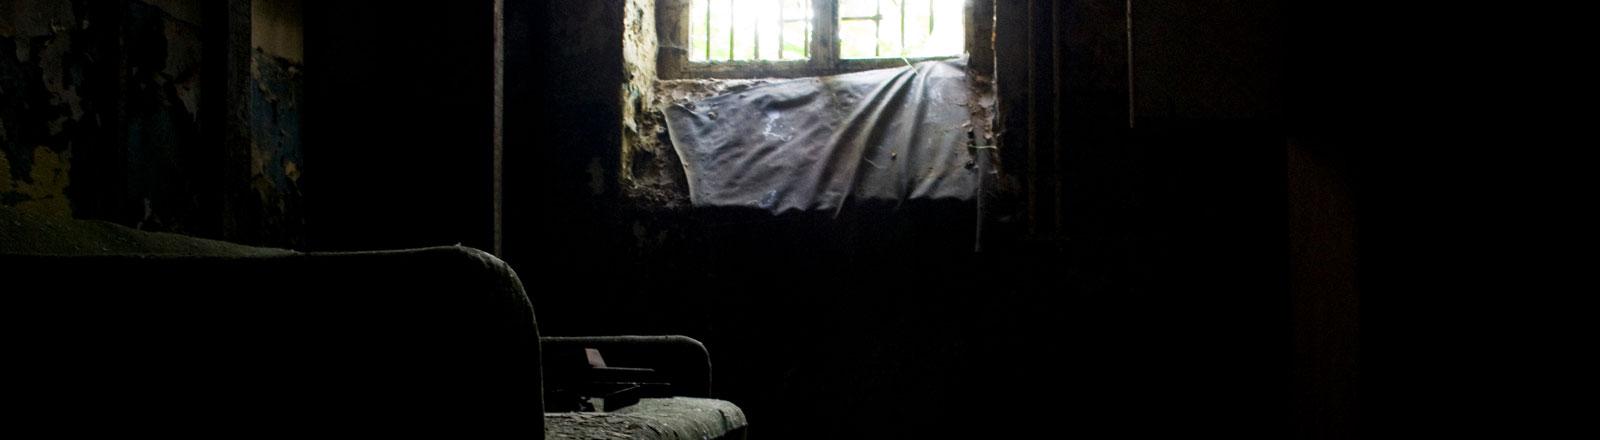 Altes dunkles Zimmer, in das durch ein Fenster Licht fällt